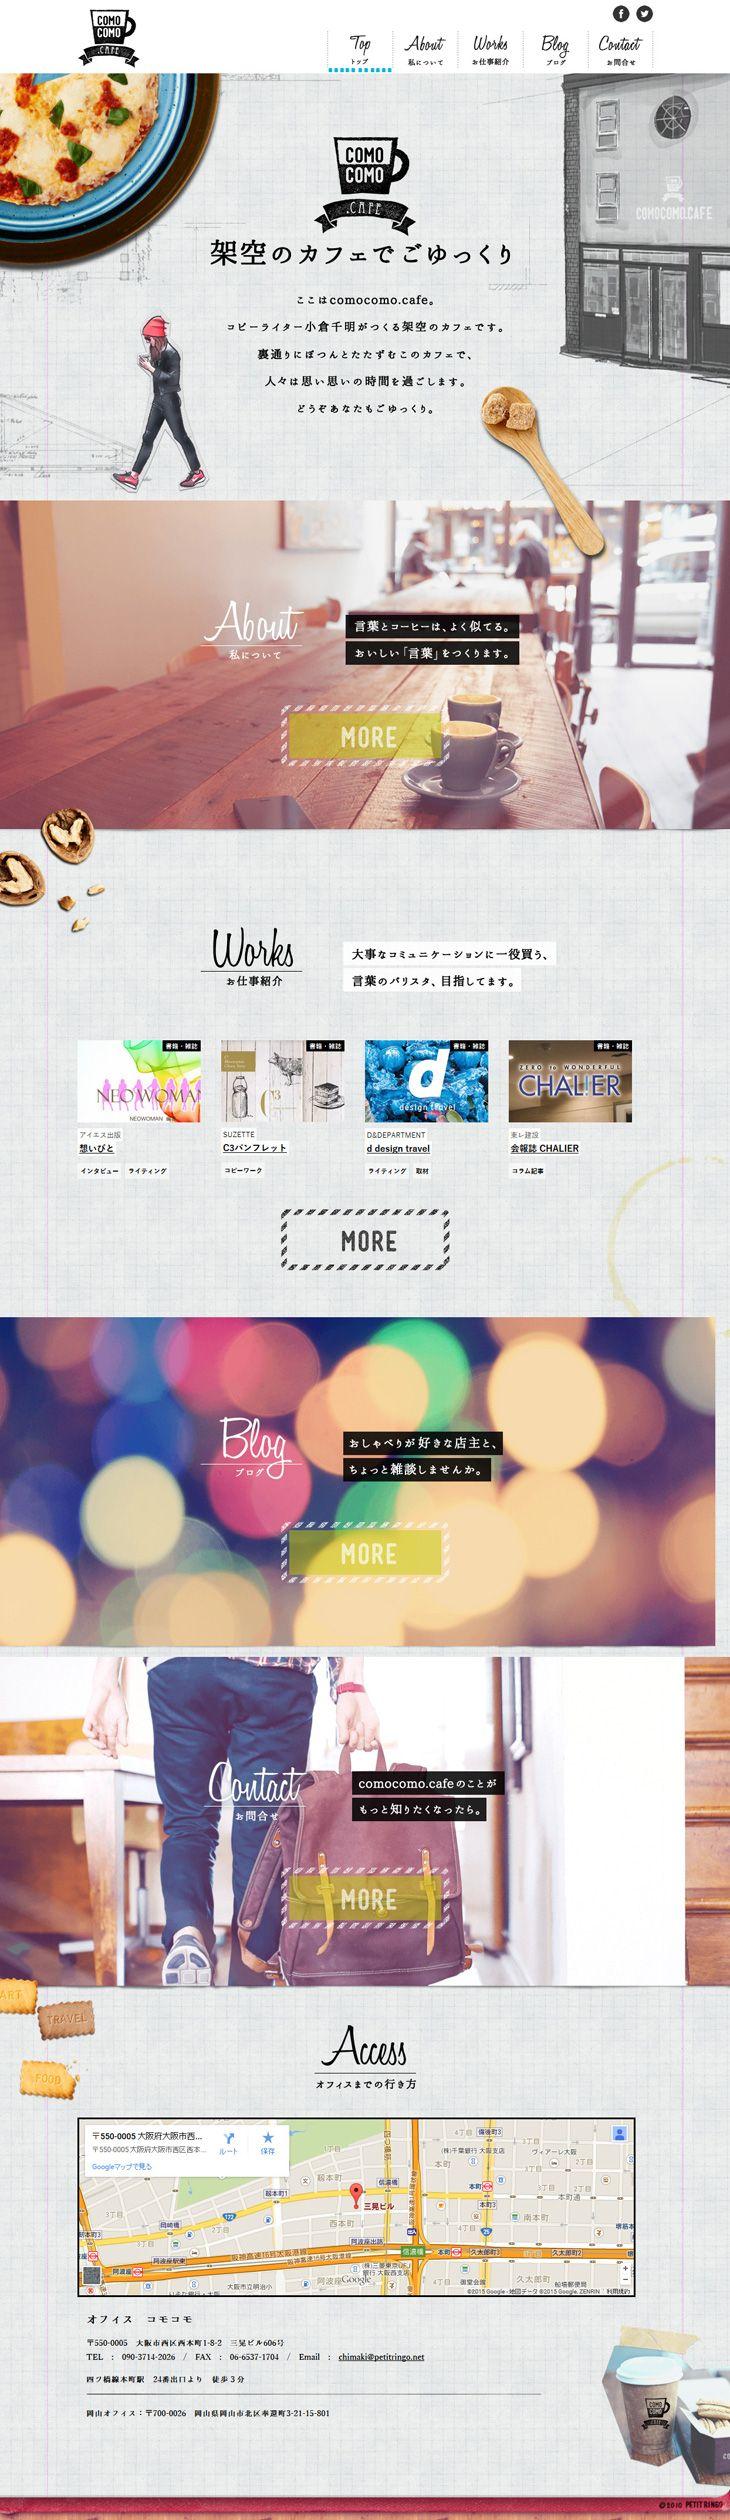 ランディングページ LP comocomo.cafe|インターネットサービス|自社サイト                                                                                                                                                                                 もっと見る